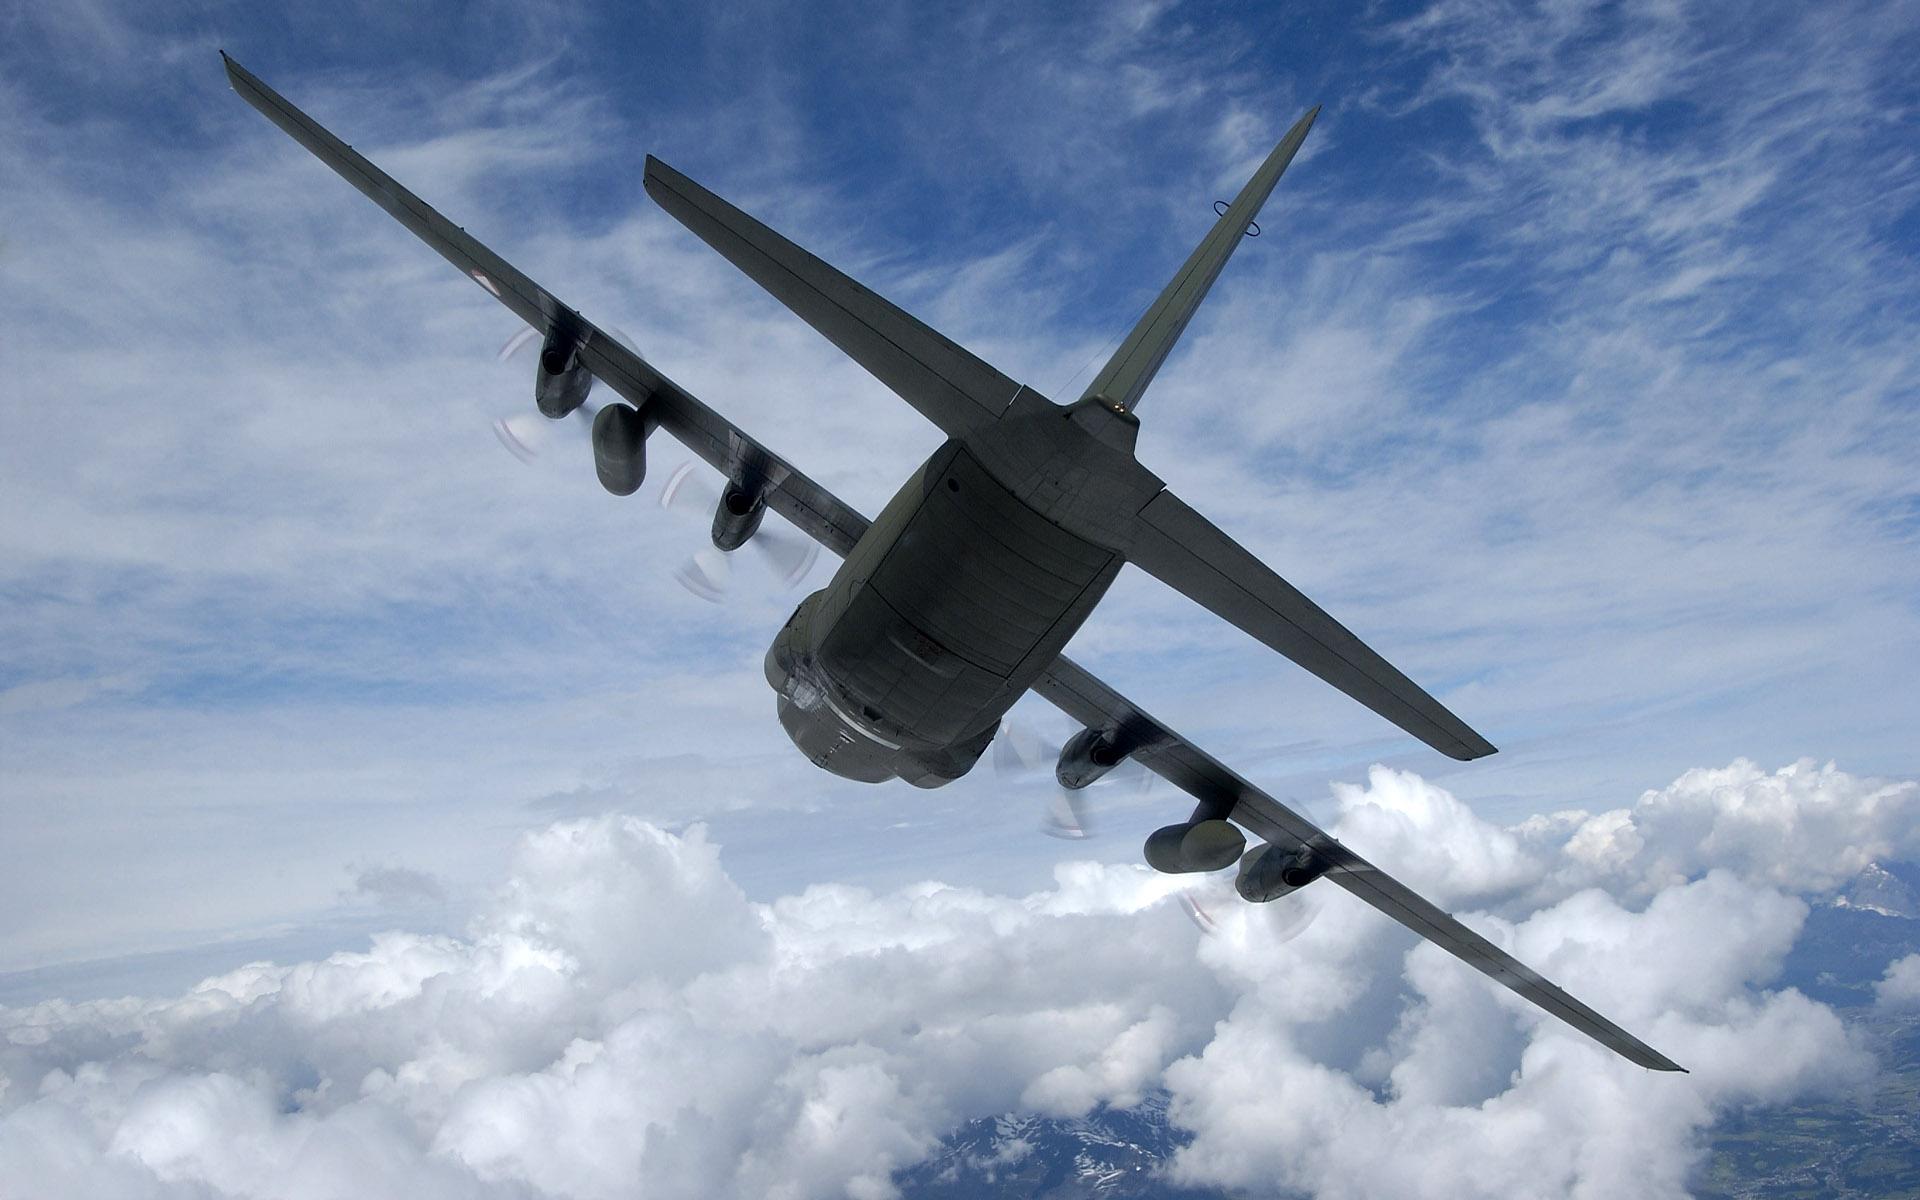 Aircraft Bomber Widescreen Hd 296155 Wallpaper wallpaper